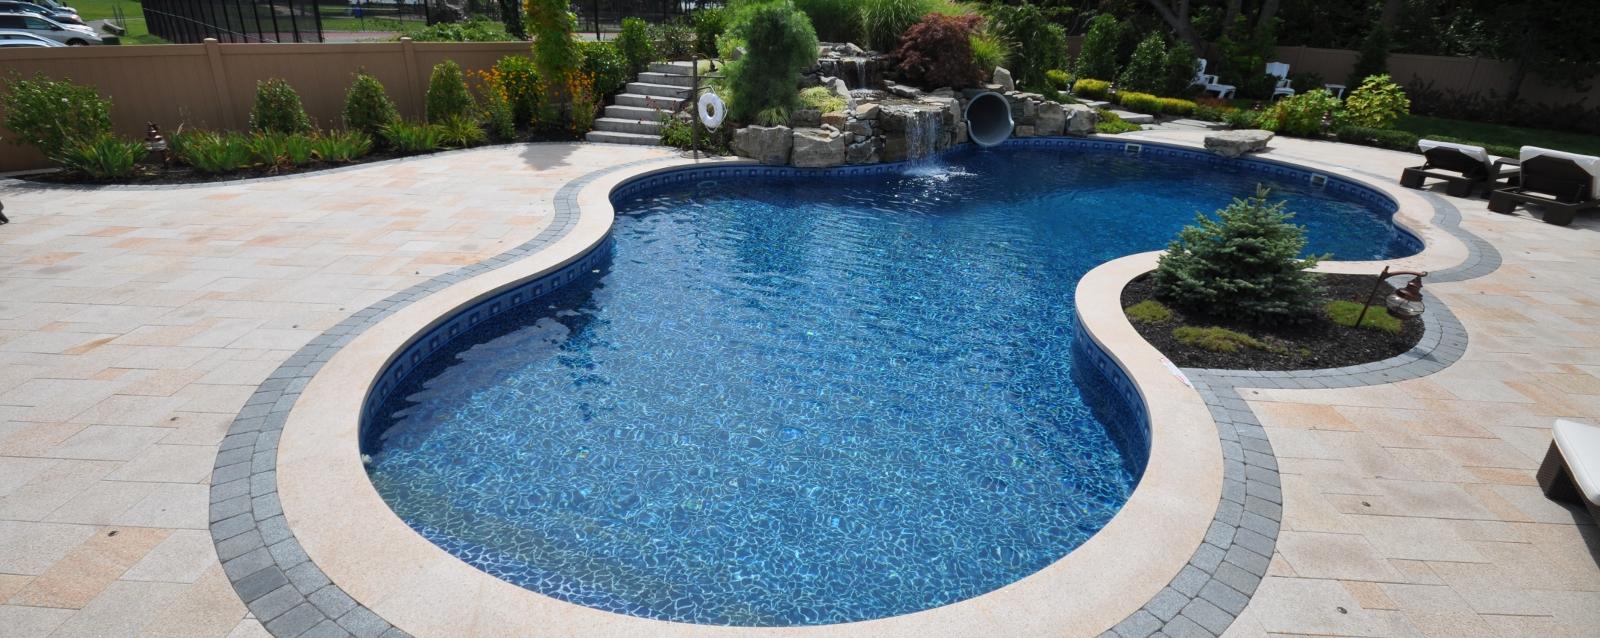 pool companies